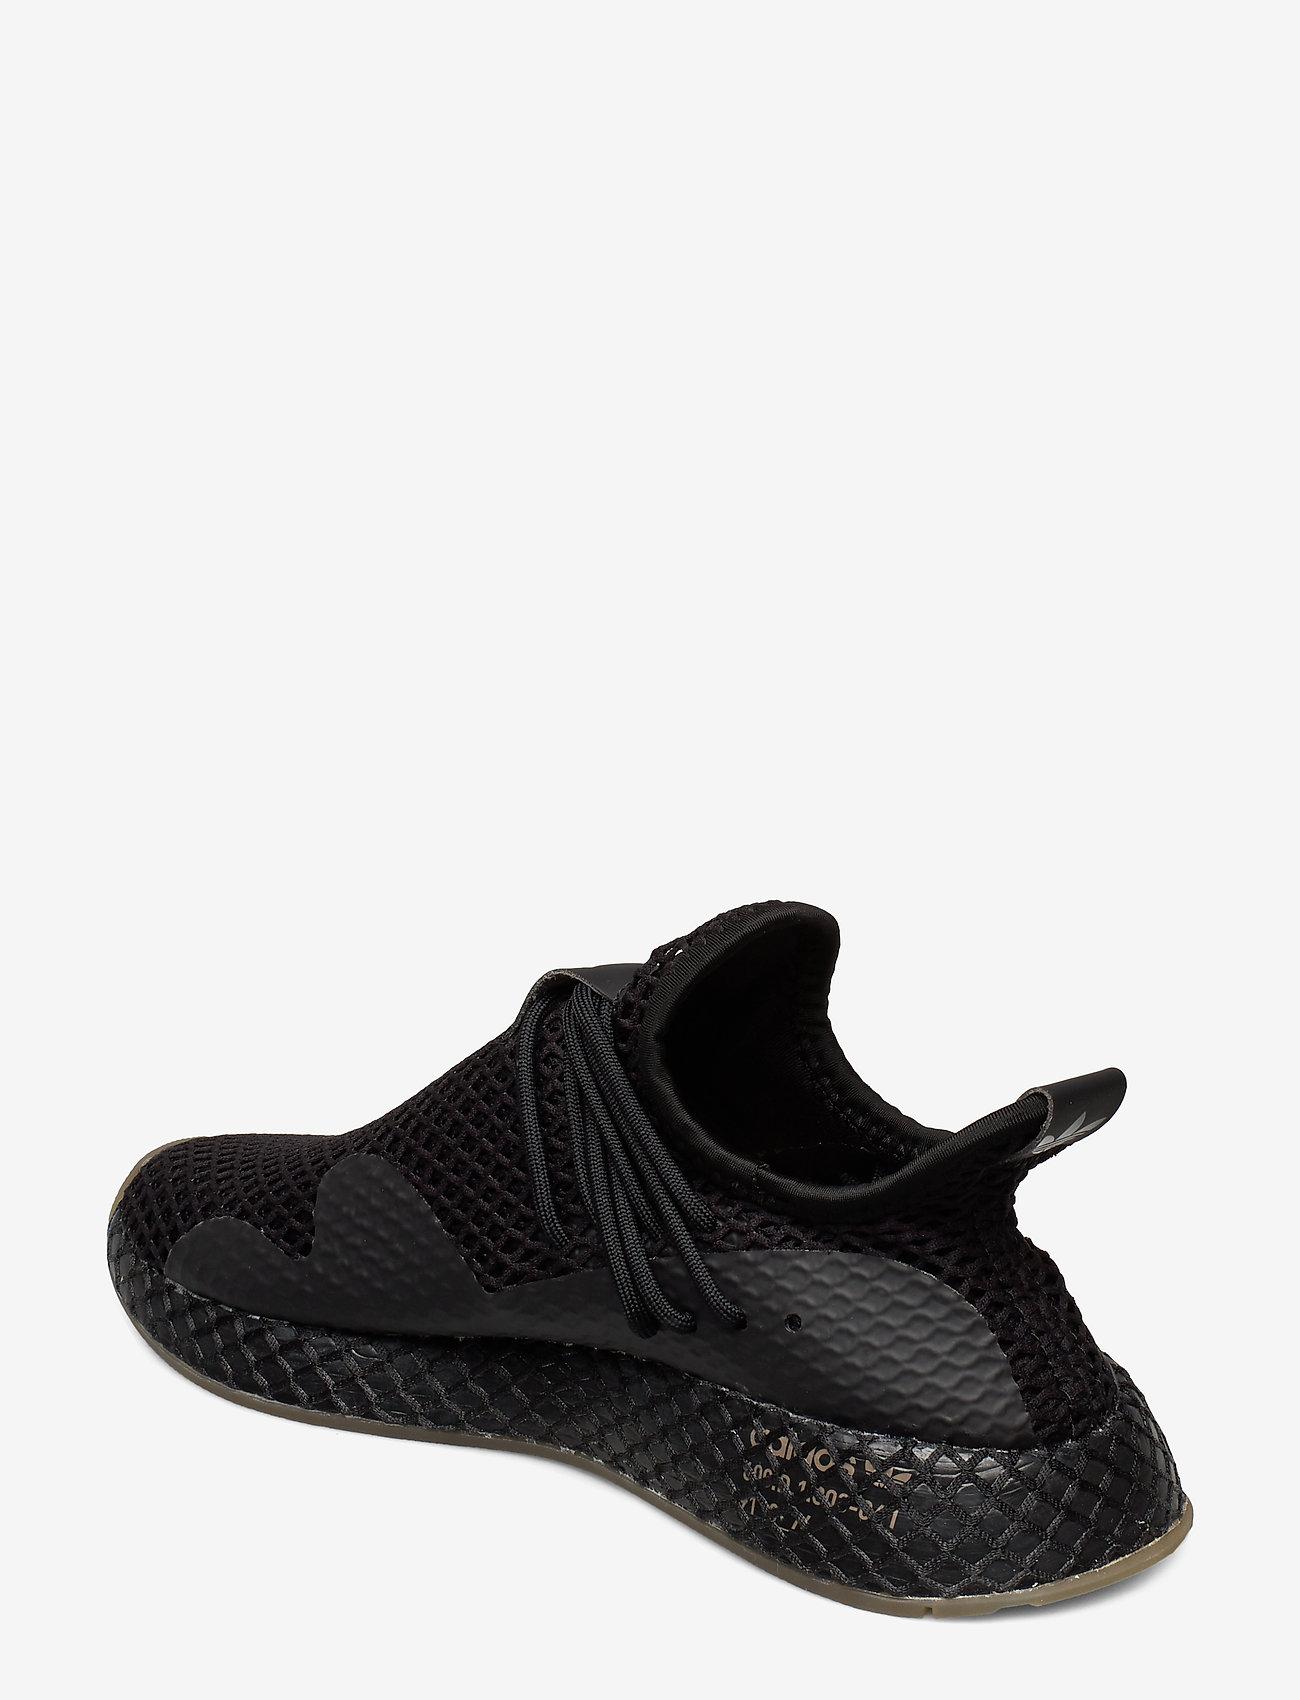 Adidas Originals Deerupt S - Sneakers Cblack/cblack/gum3